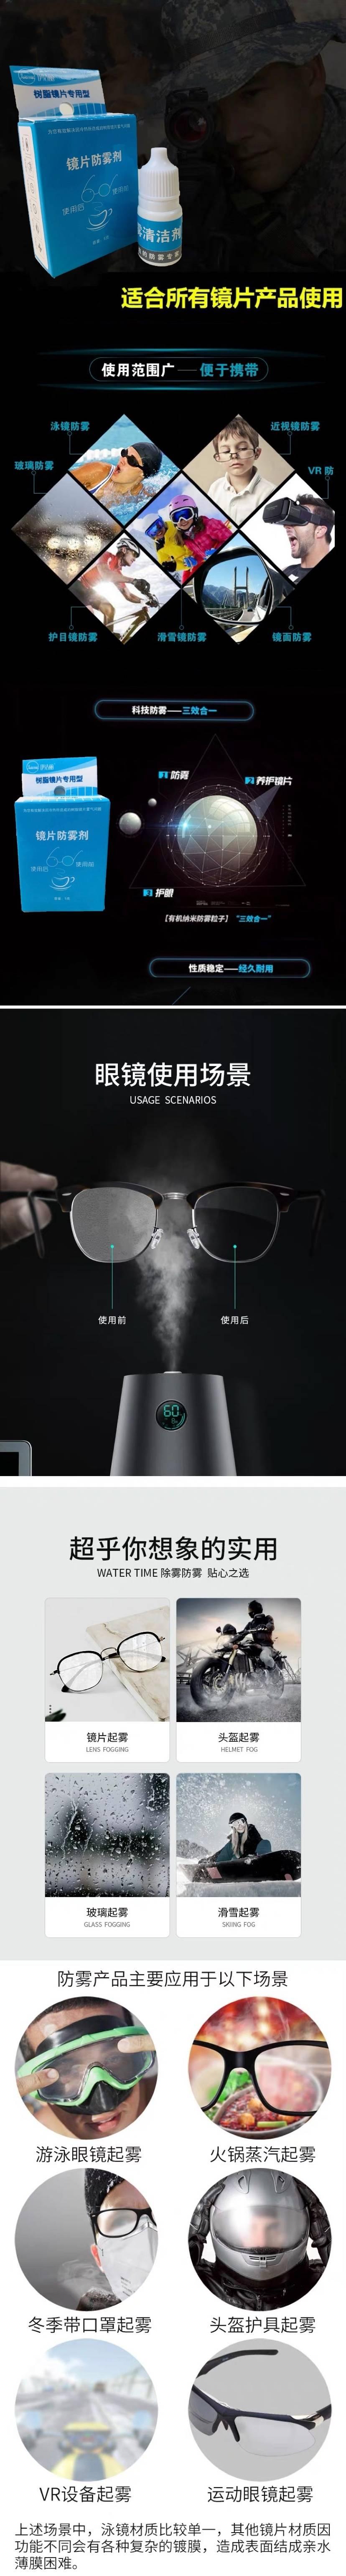 【全国包邮】戴口罩防起雾!49.9秒杀眼镜防雾剂➕防雾镜布➕超声波眼镜清洗机!再送水滴型眼镜盒一副!